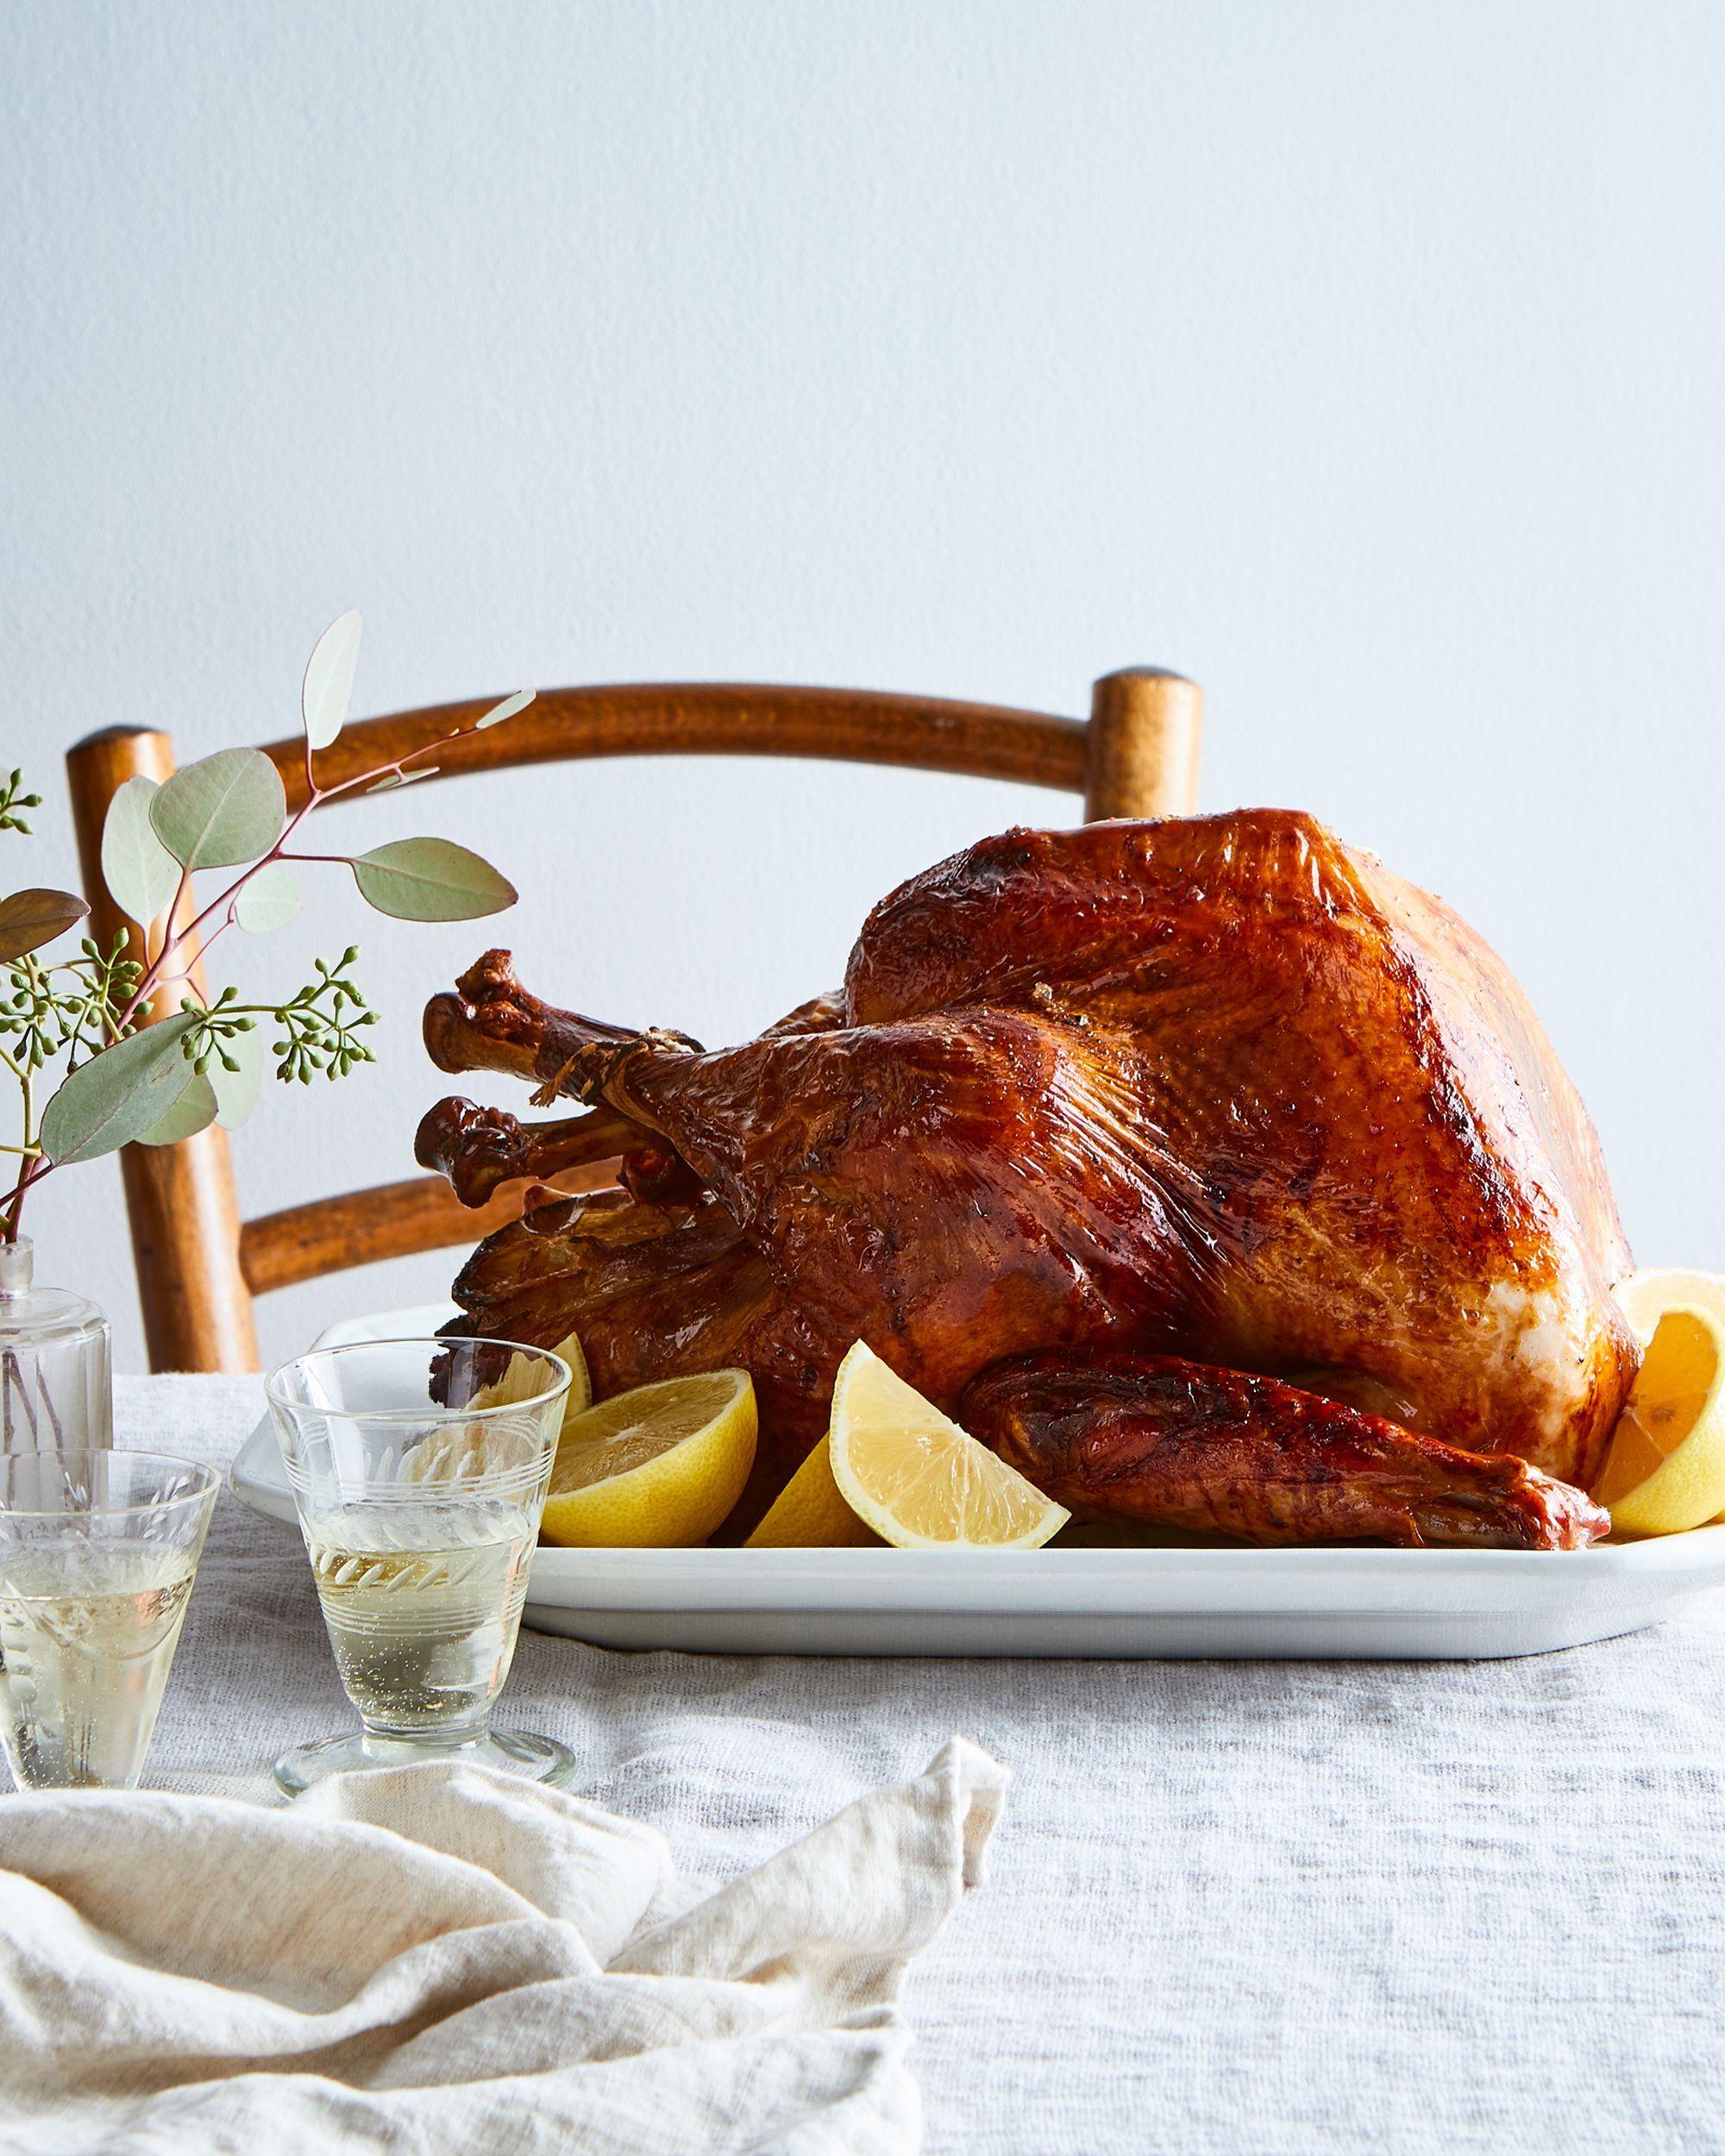 Very Lemony Brined Turkey recipe on Food52 Recipes